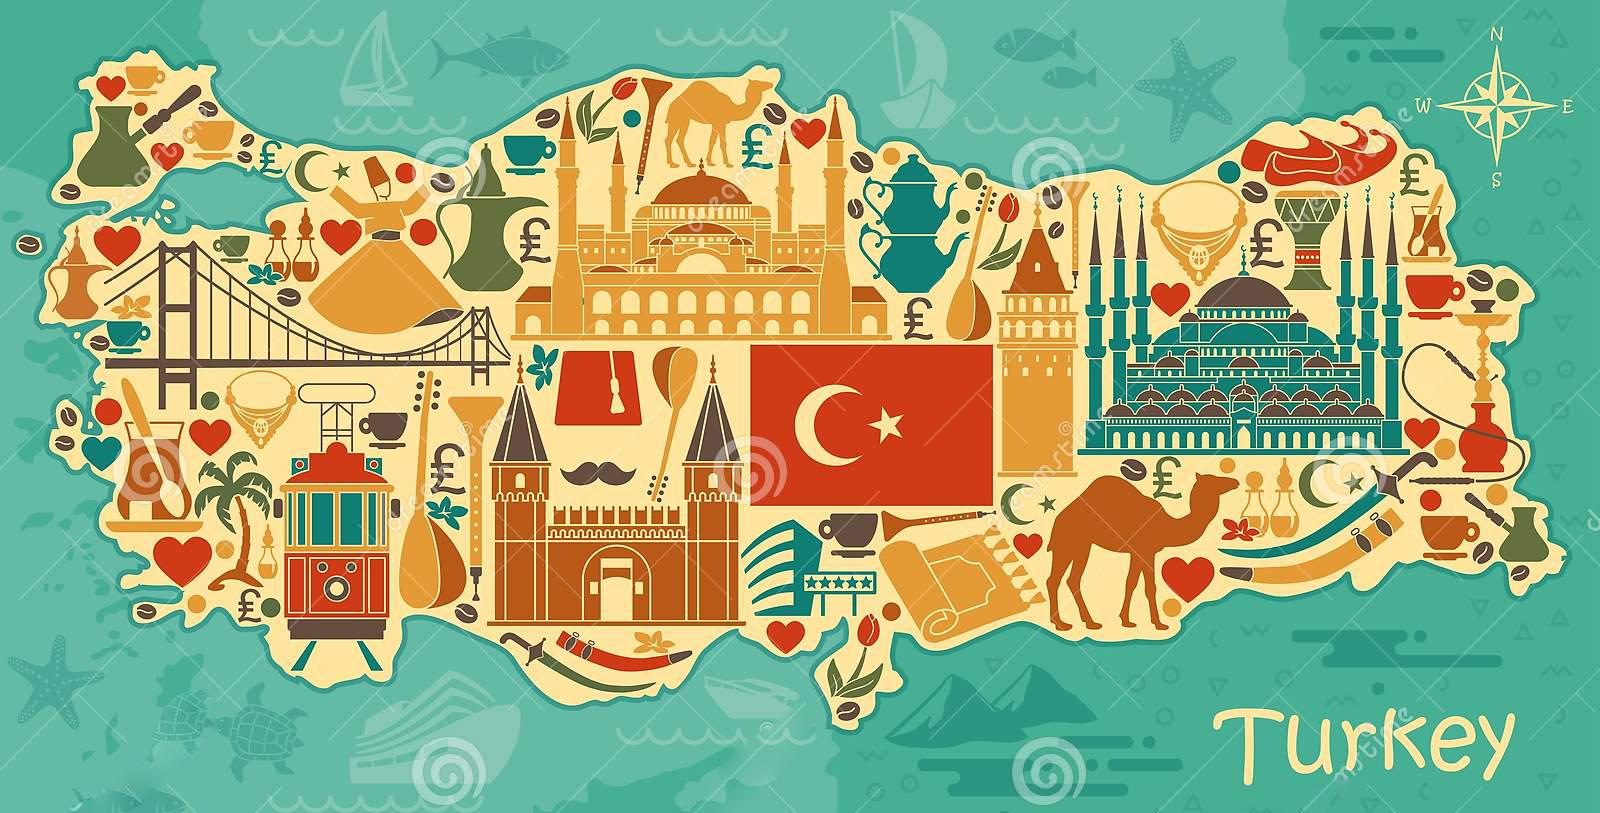 ترکیه ، هر شهر ، یک سمبل